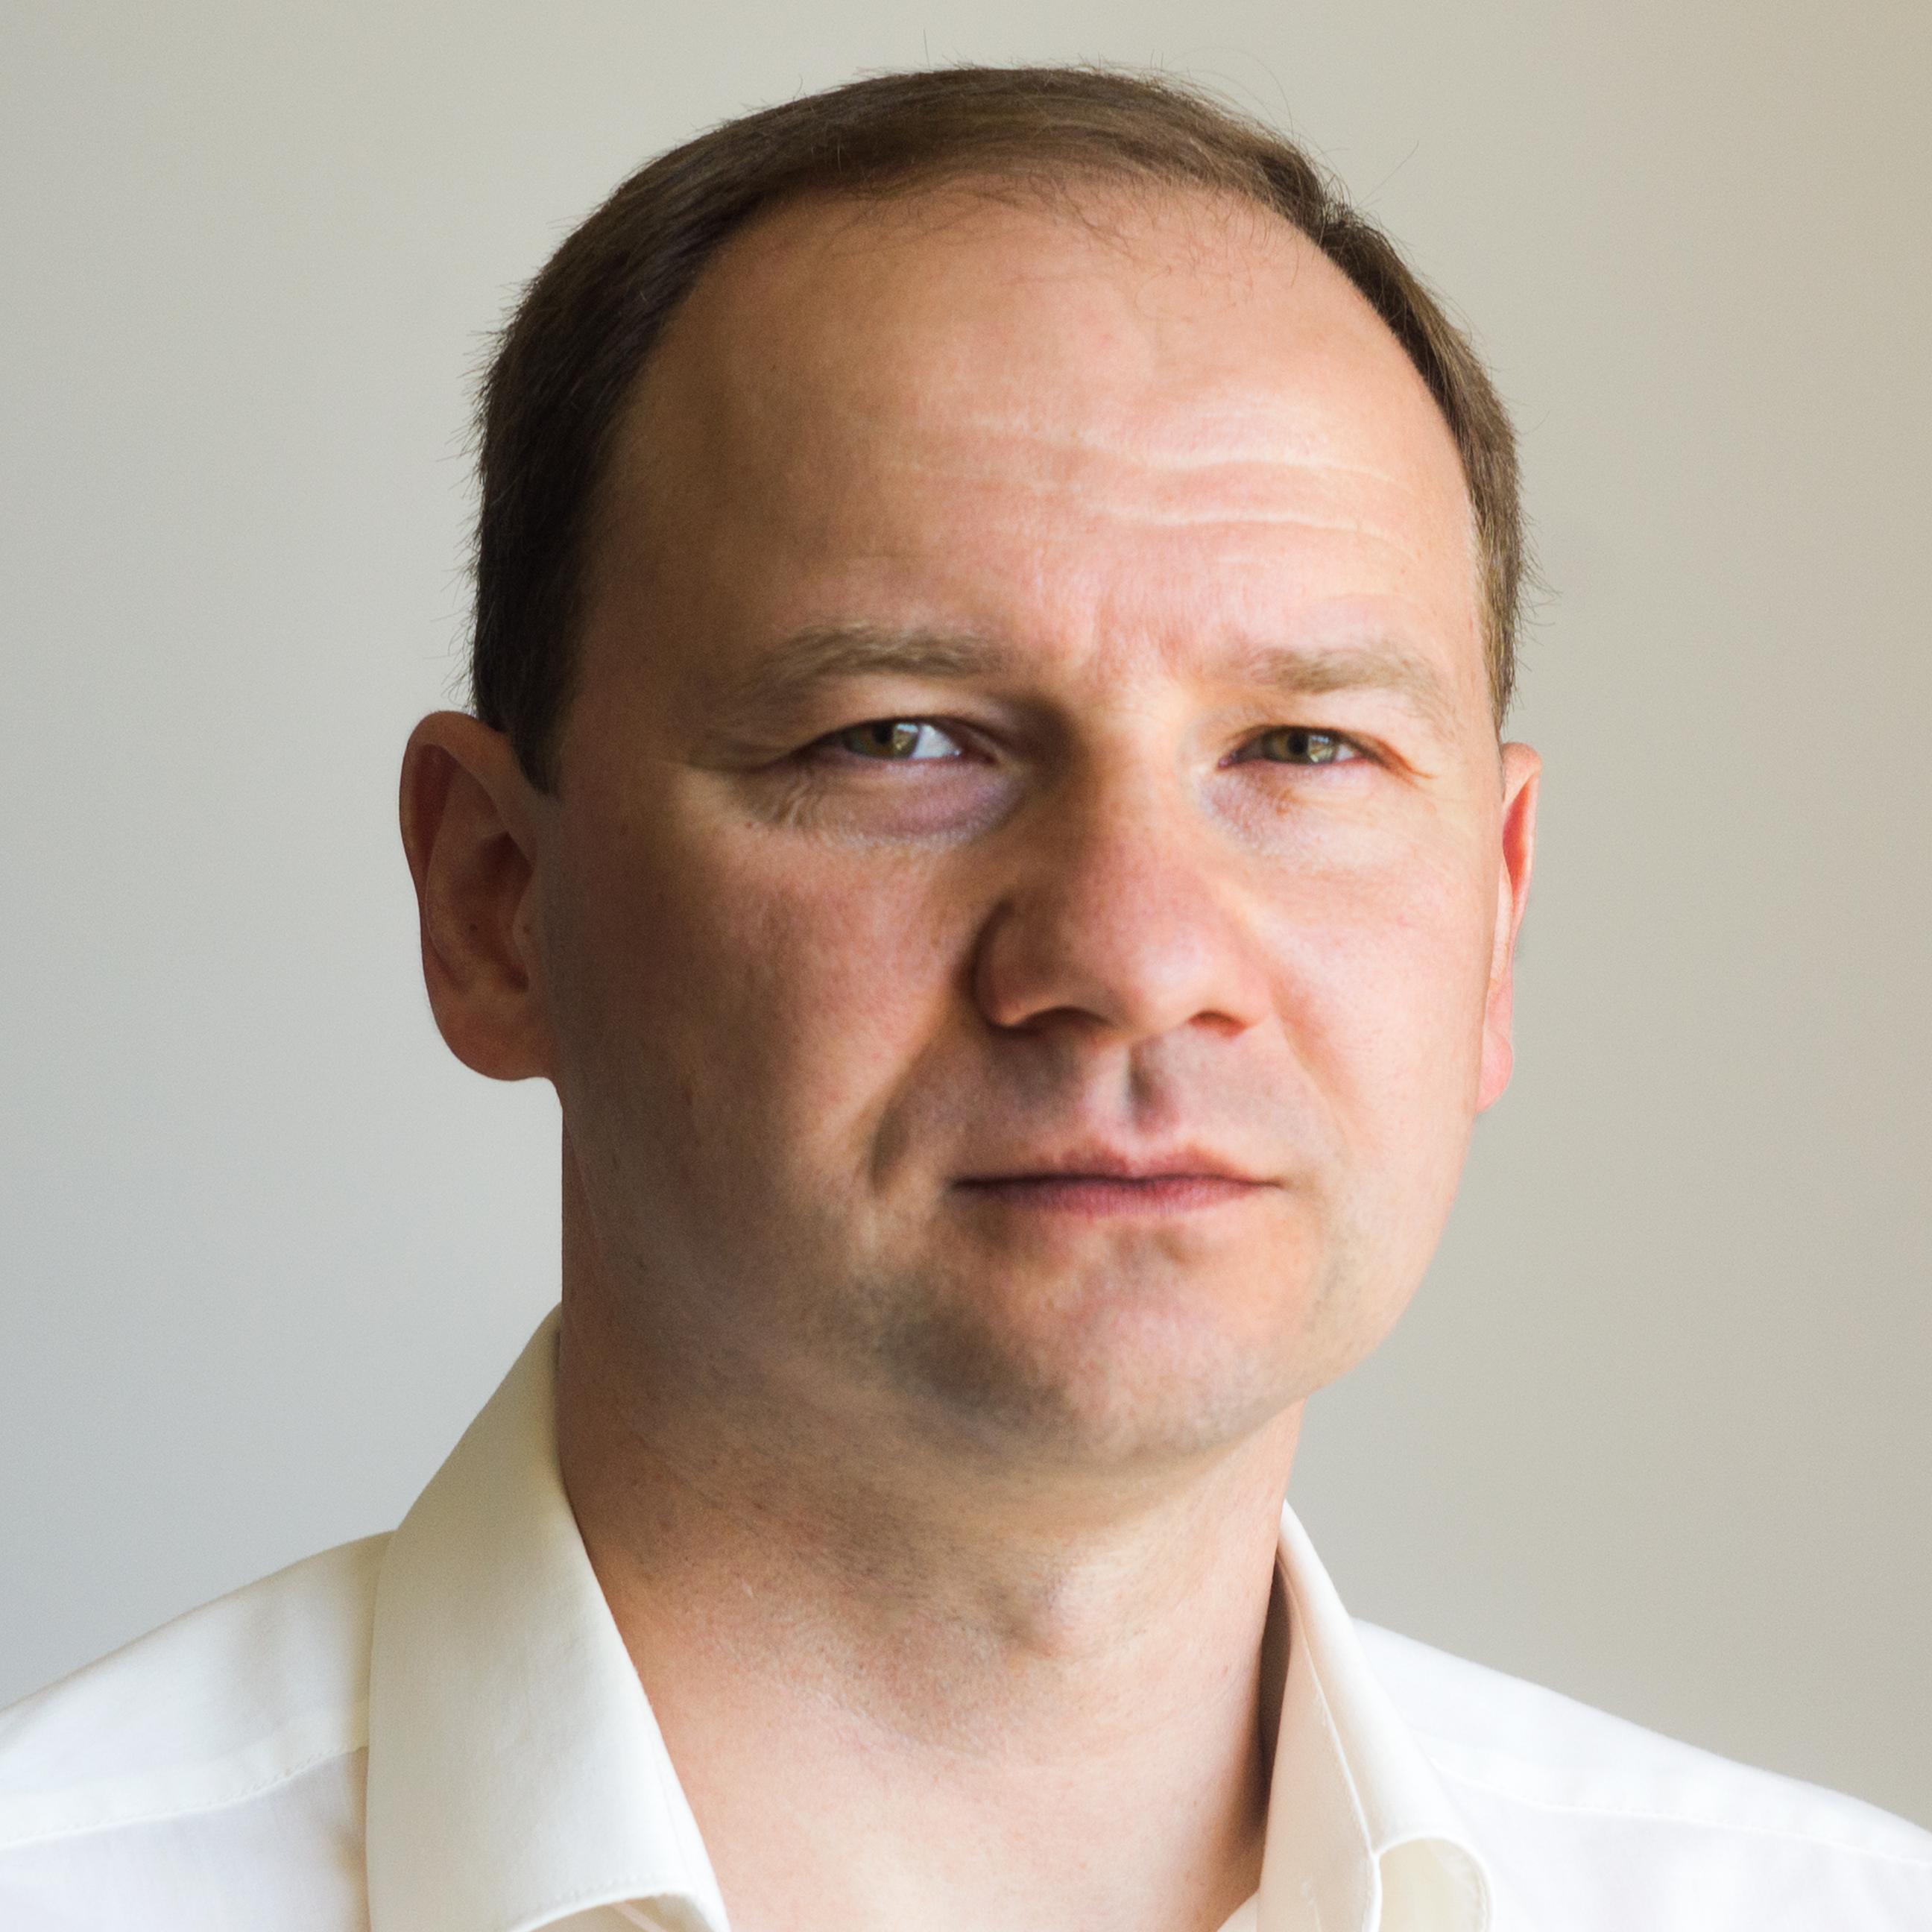 Сташевский Андрей